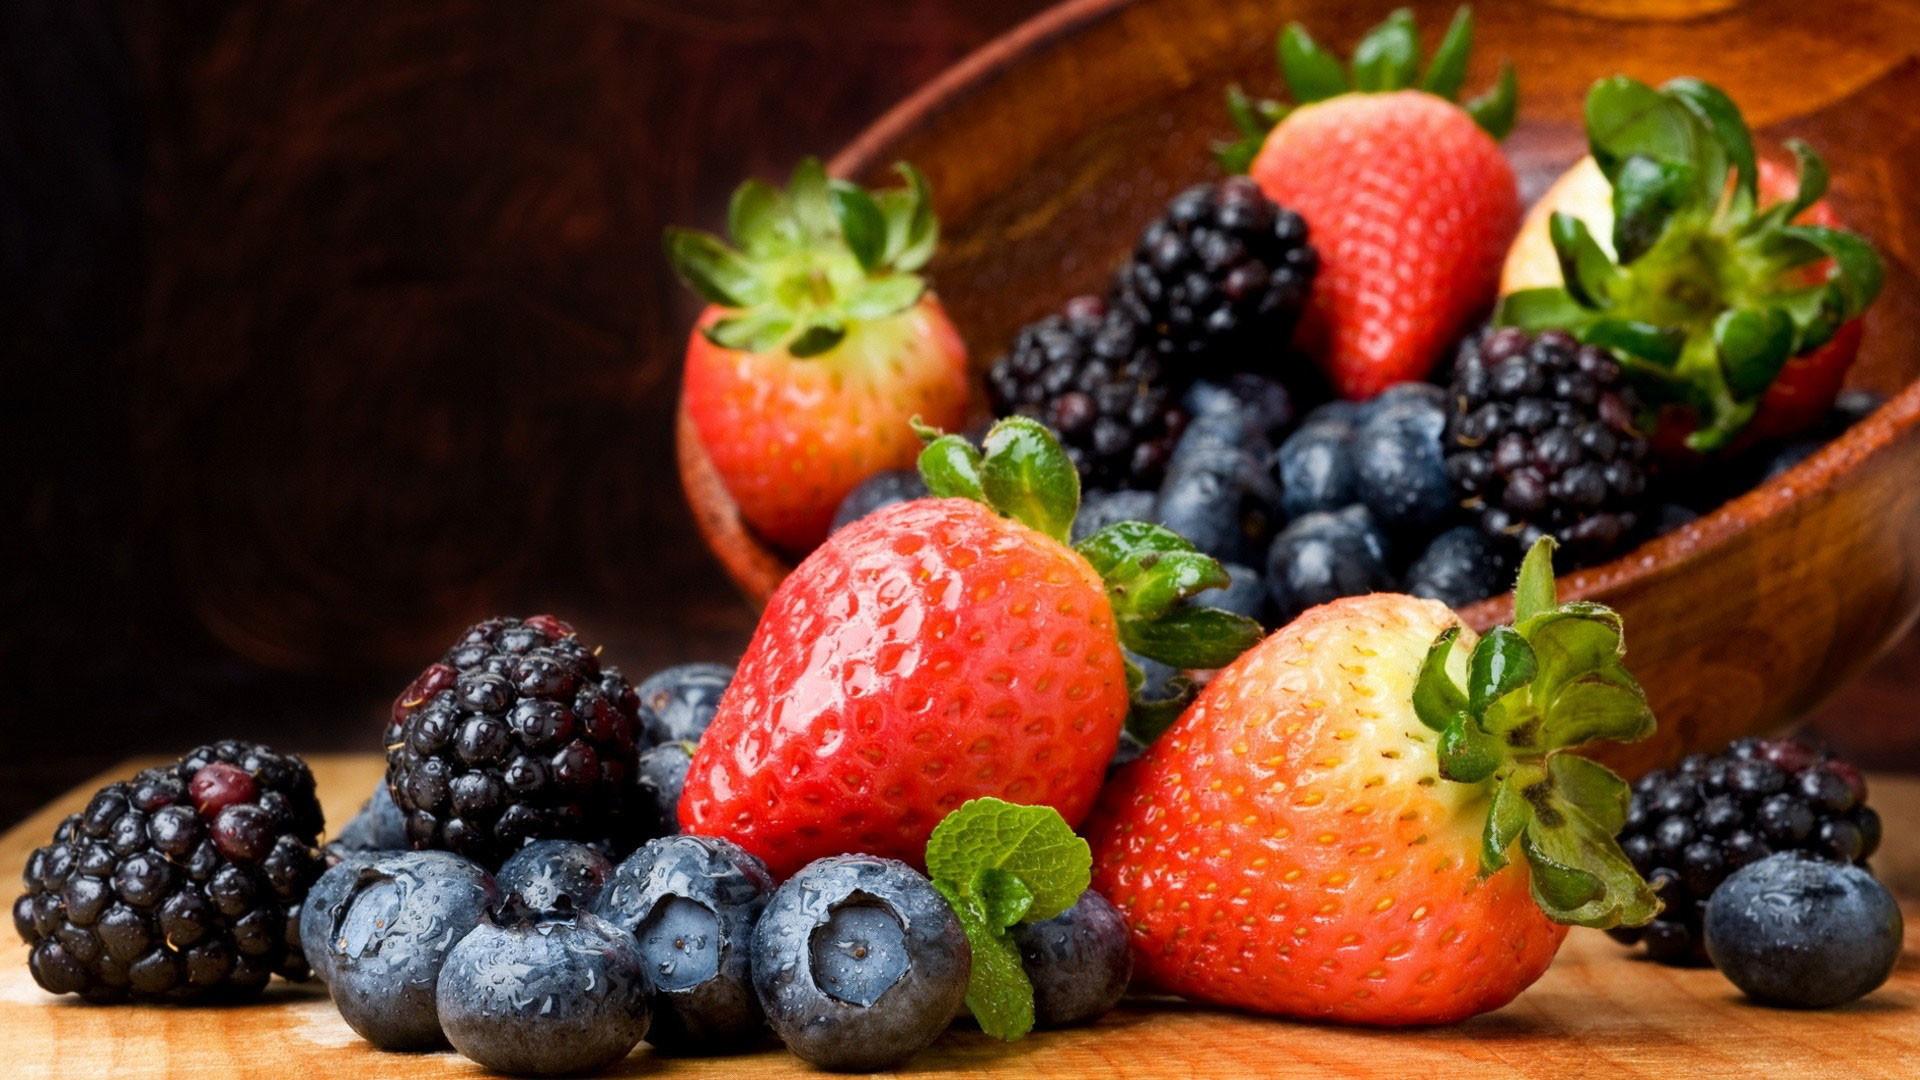 Fruit Basket Wallpaper (58+ images)